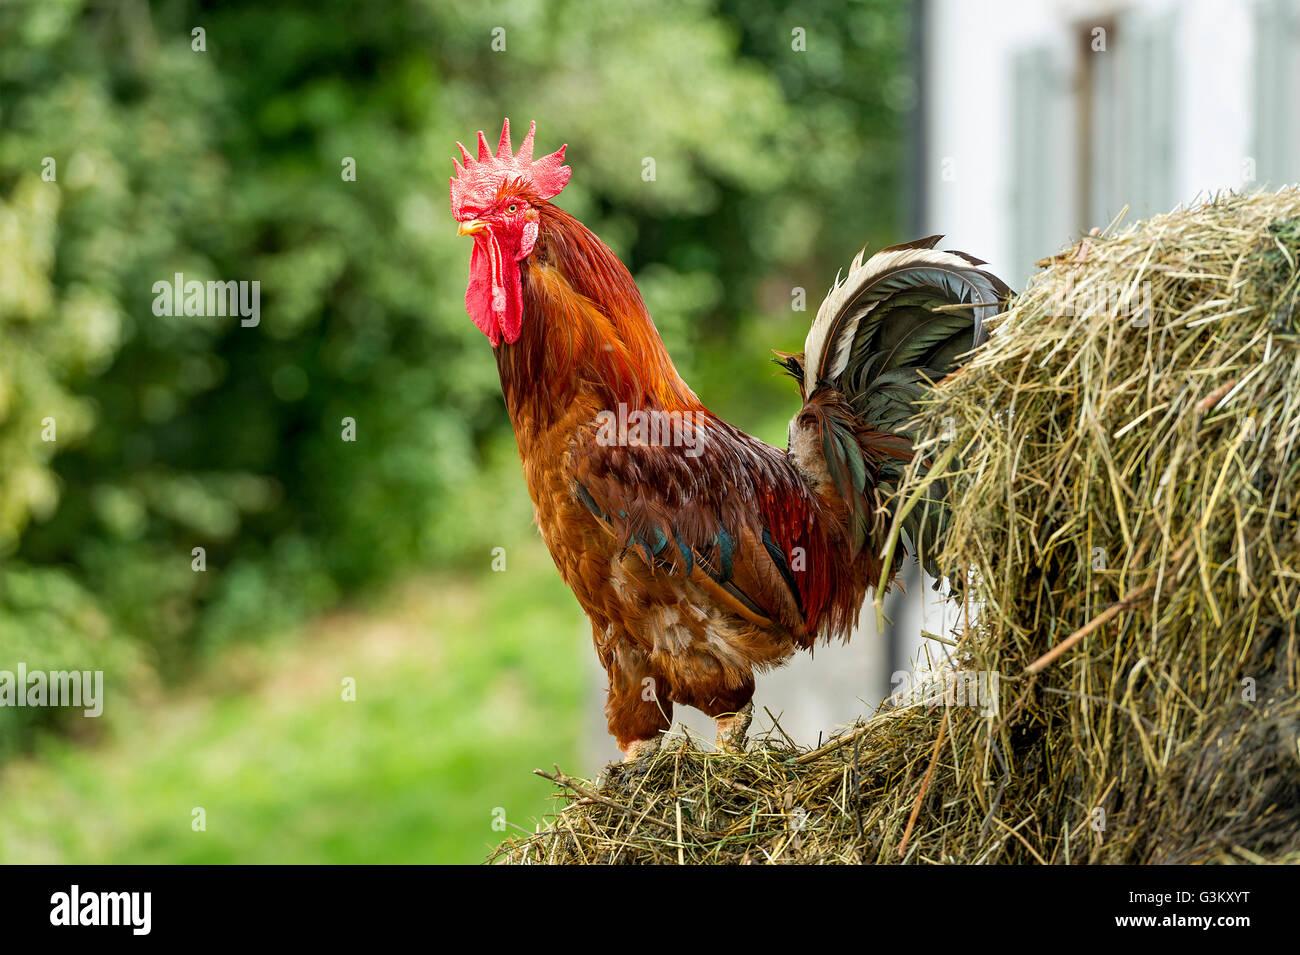 Pollo (Gallus gallus domesticus), Gallo en el montón de estiércol, la Alta Baviera, Baviera, Alemania Imagen De Stock